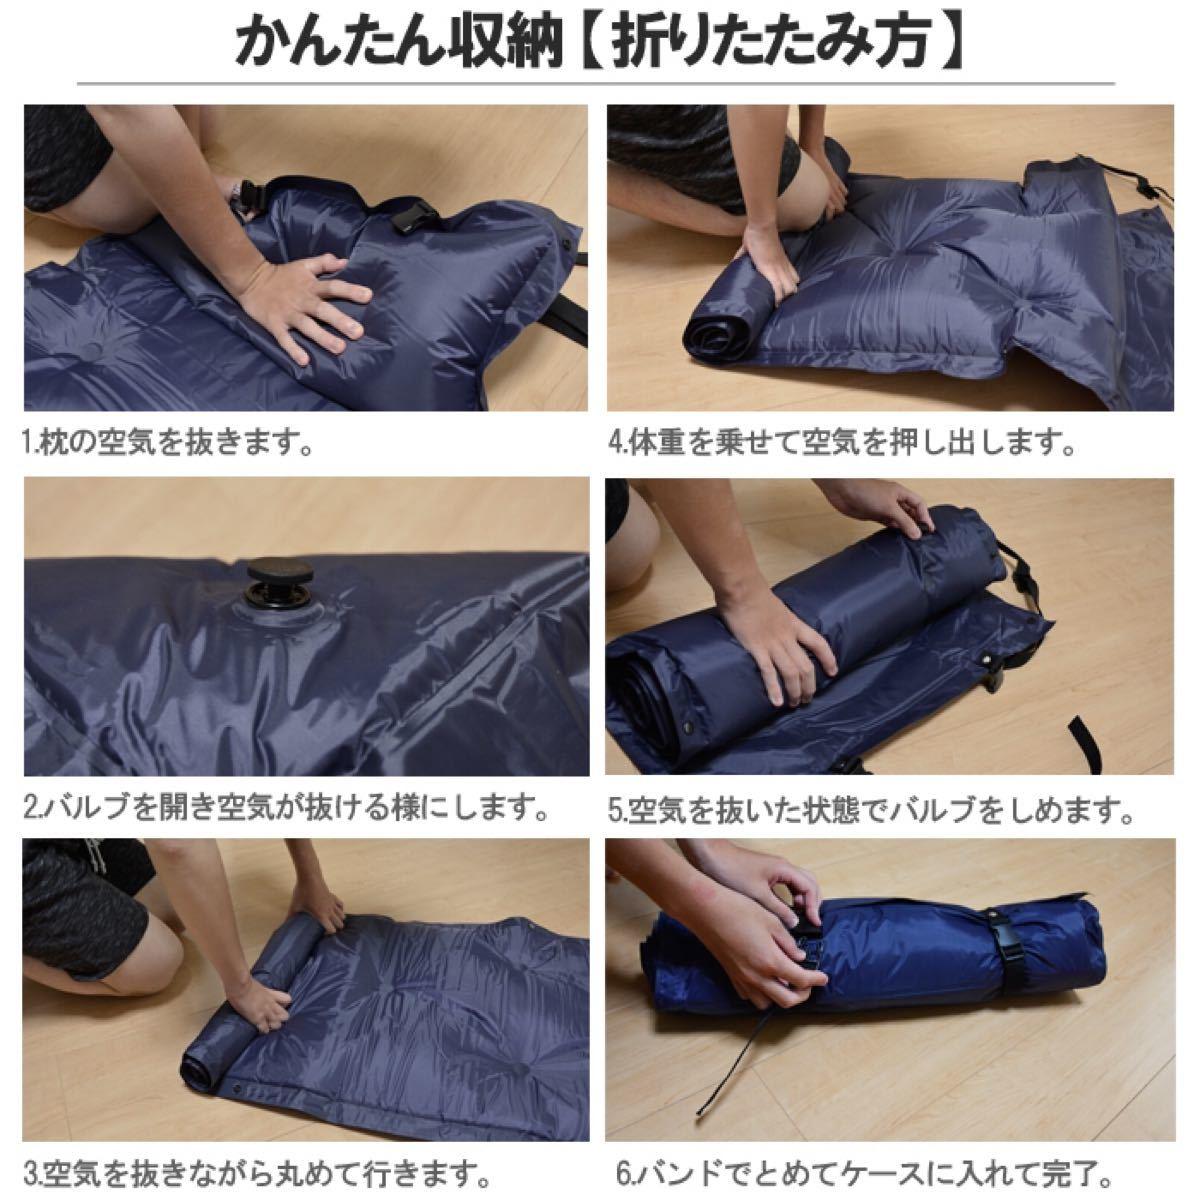 厚み3cm アウトドアマット 4本セット キャンプマット 車中泊 防災 ベッド